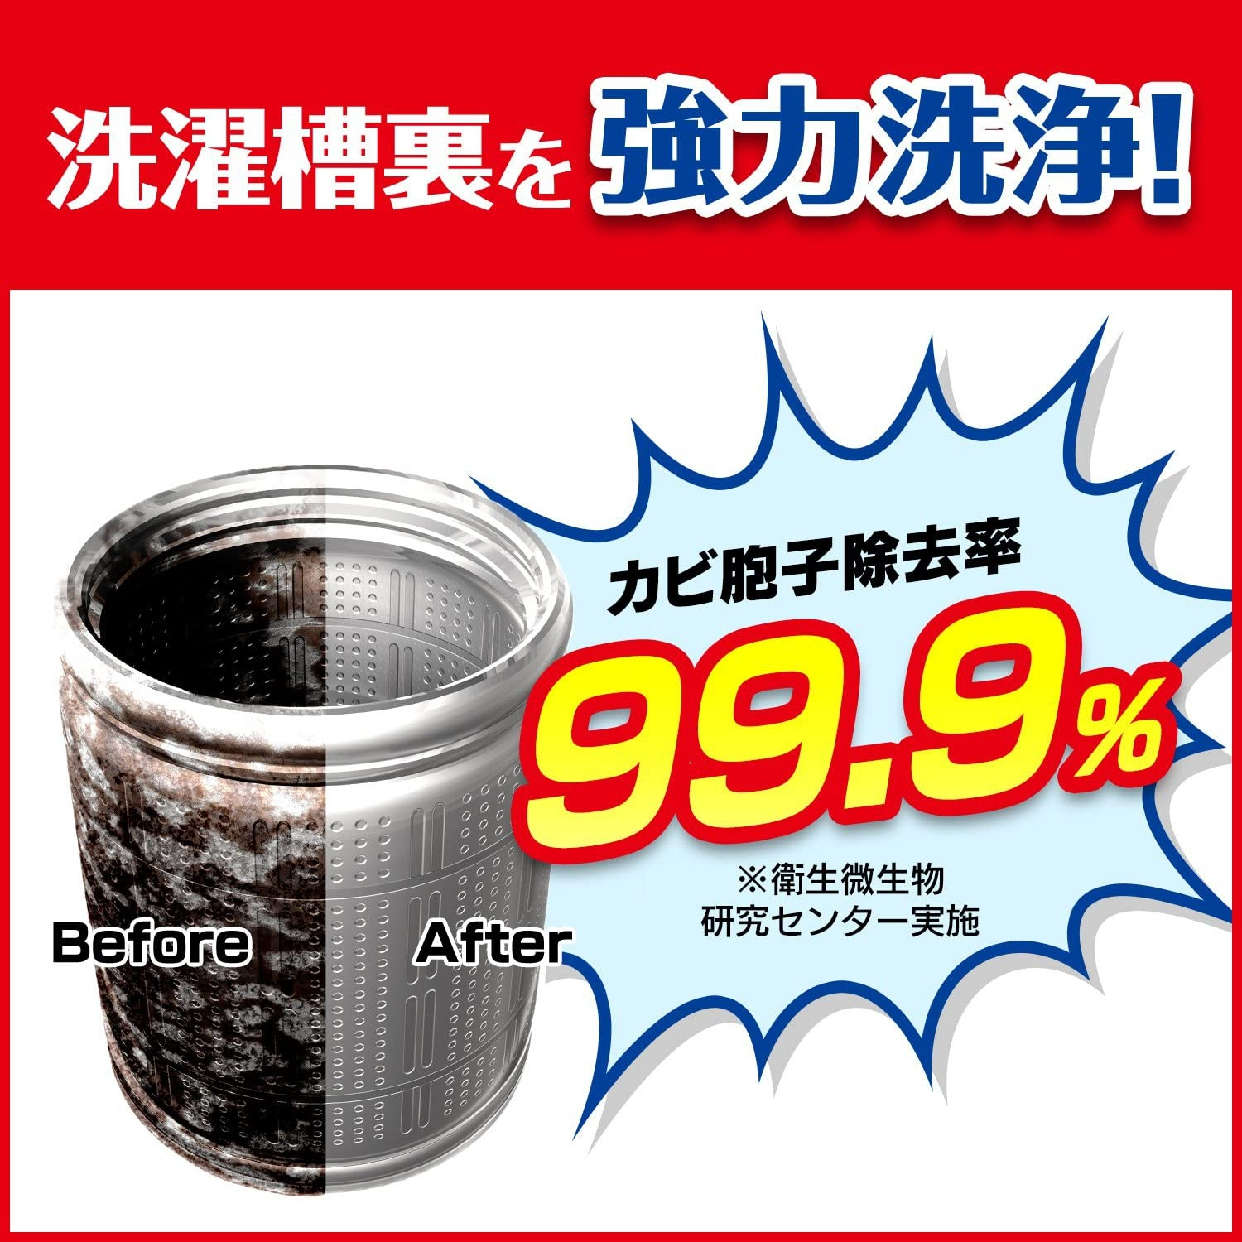 カビキラー 洗たく槽カビキラー (塩素系)の商品画像4